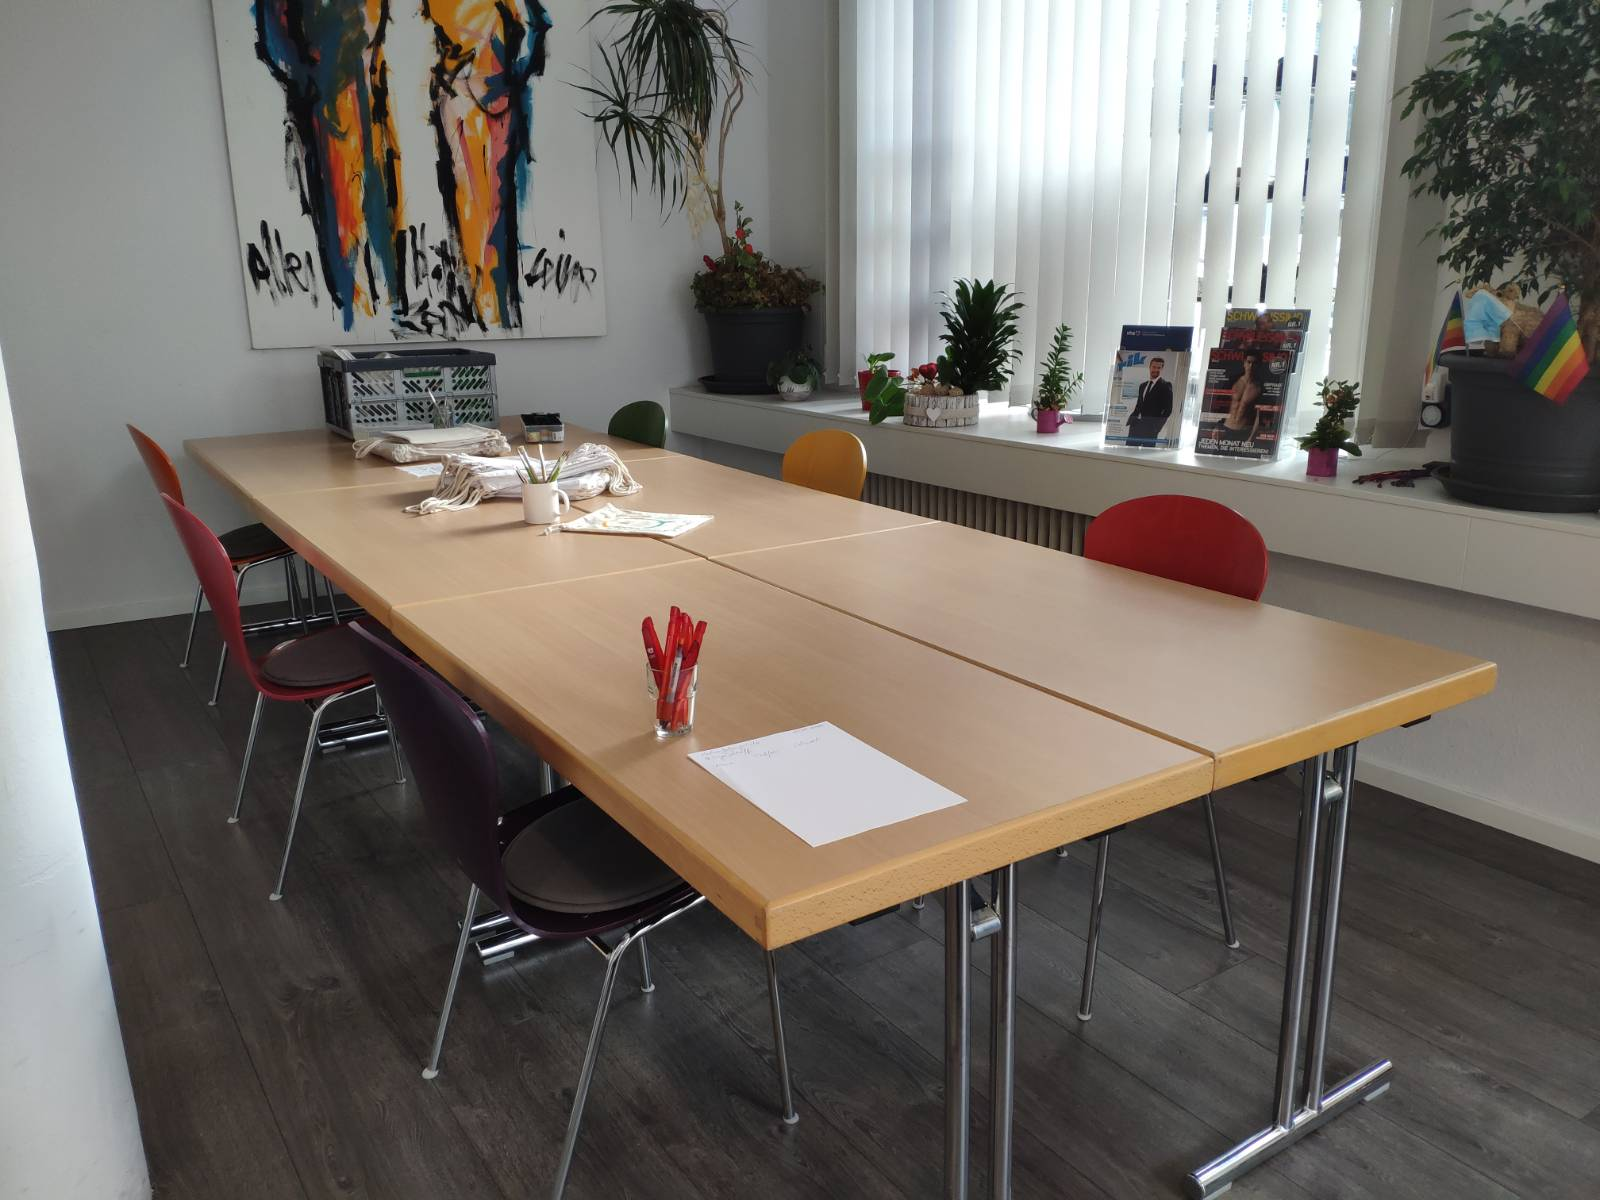 Das Bild zeigt einen großen Tisch mit vielen Stühlen drumherum